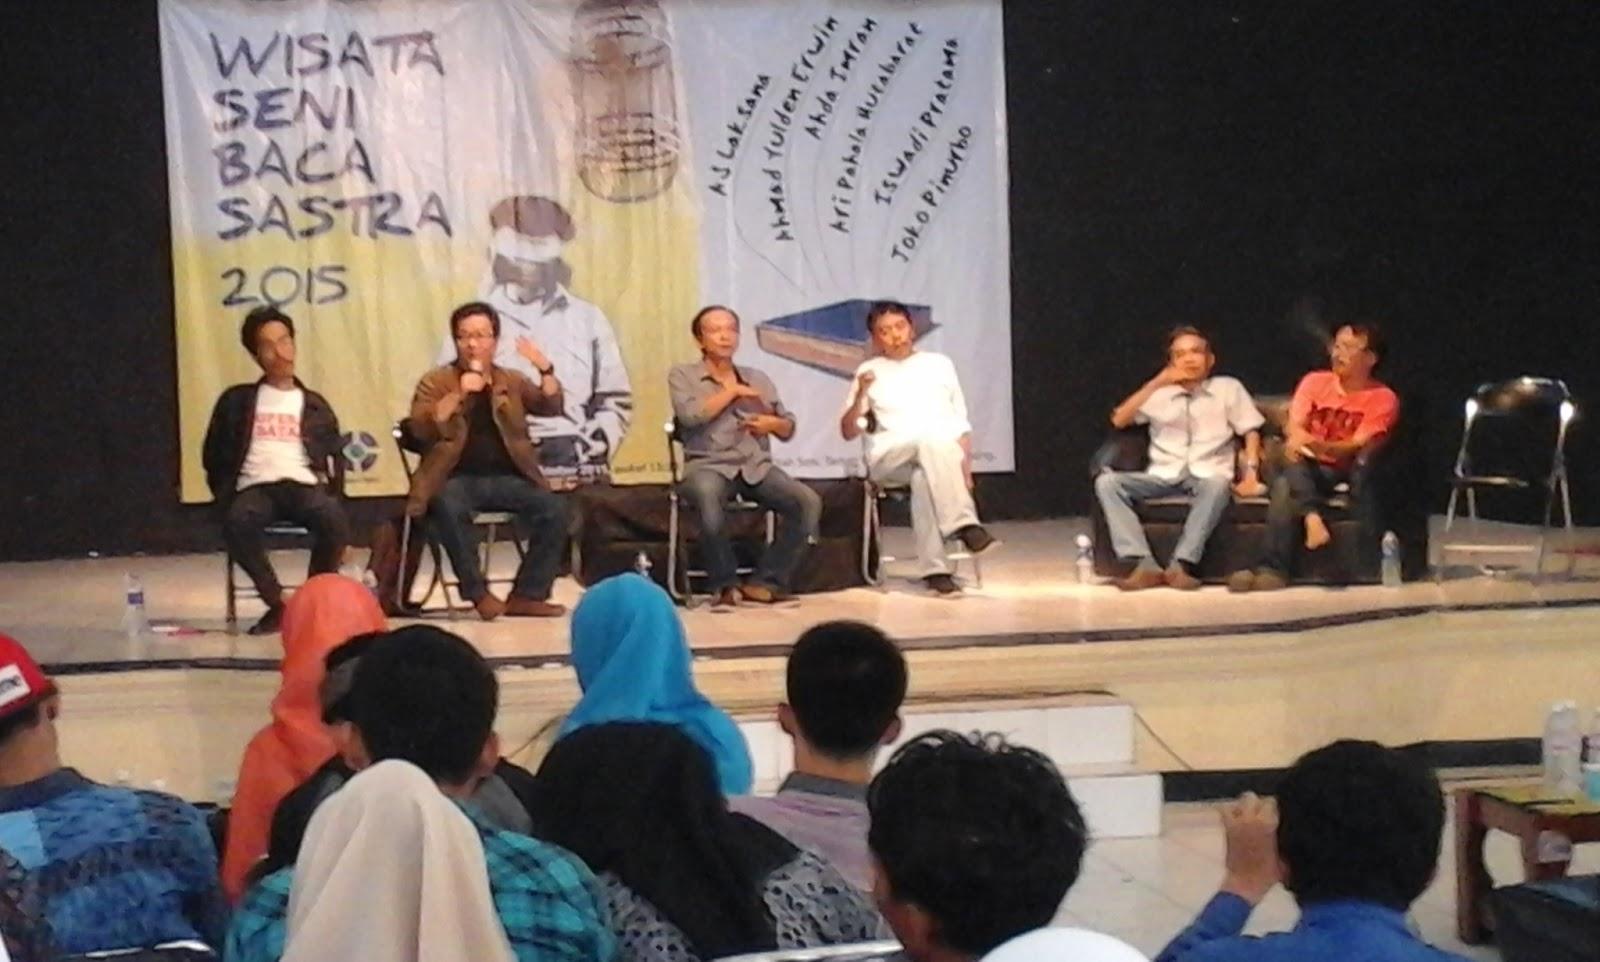 Ulun Lampung 2015 Penyair Ahmad Yulden Erwin Kedua Kiri Menyampaikan